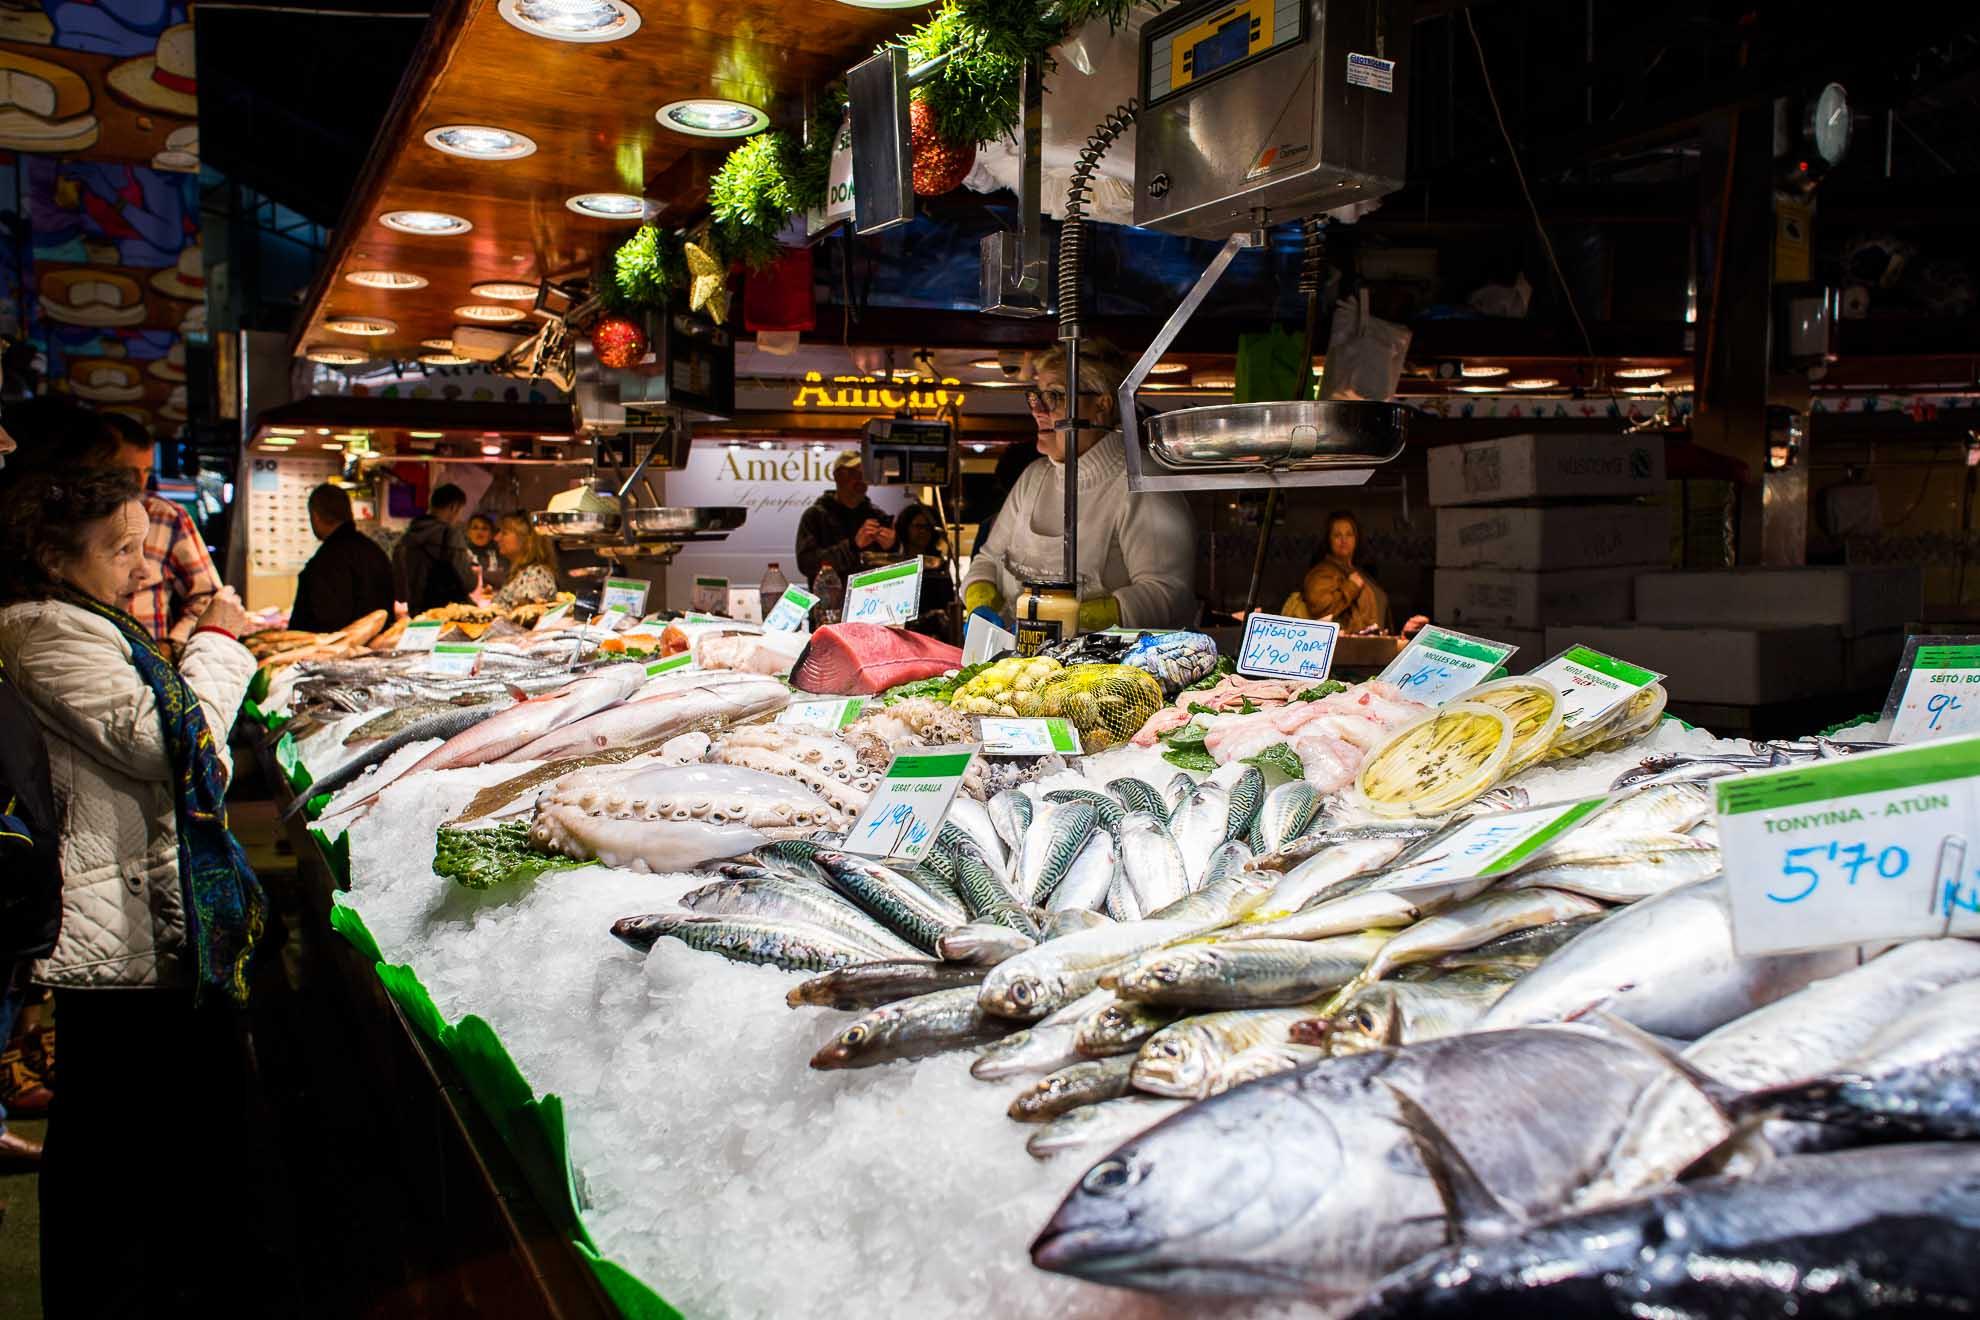 Un giorno al mercato sulla Rambla, Barcellona Spagna.